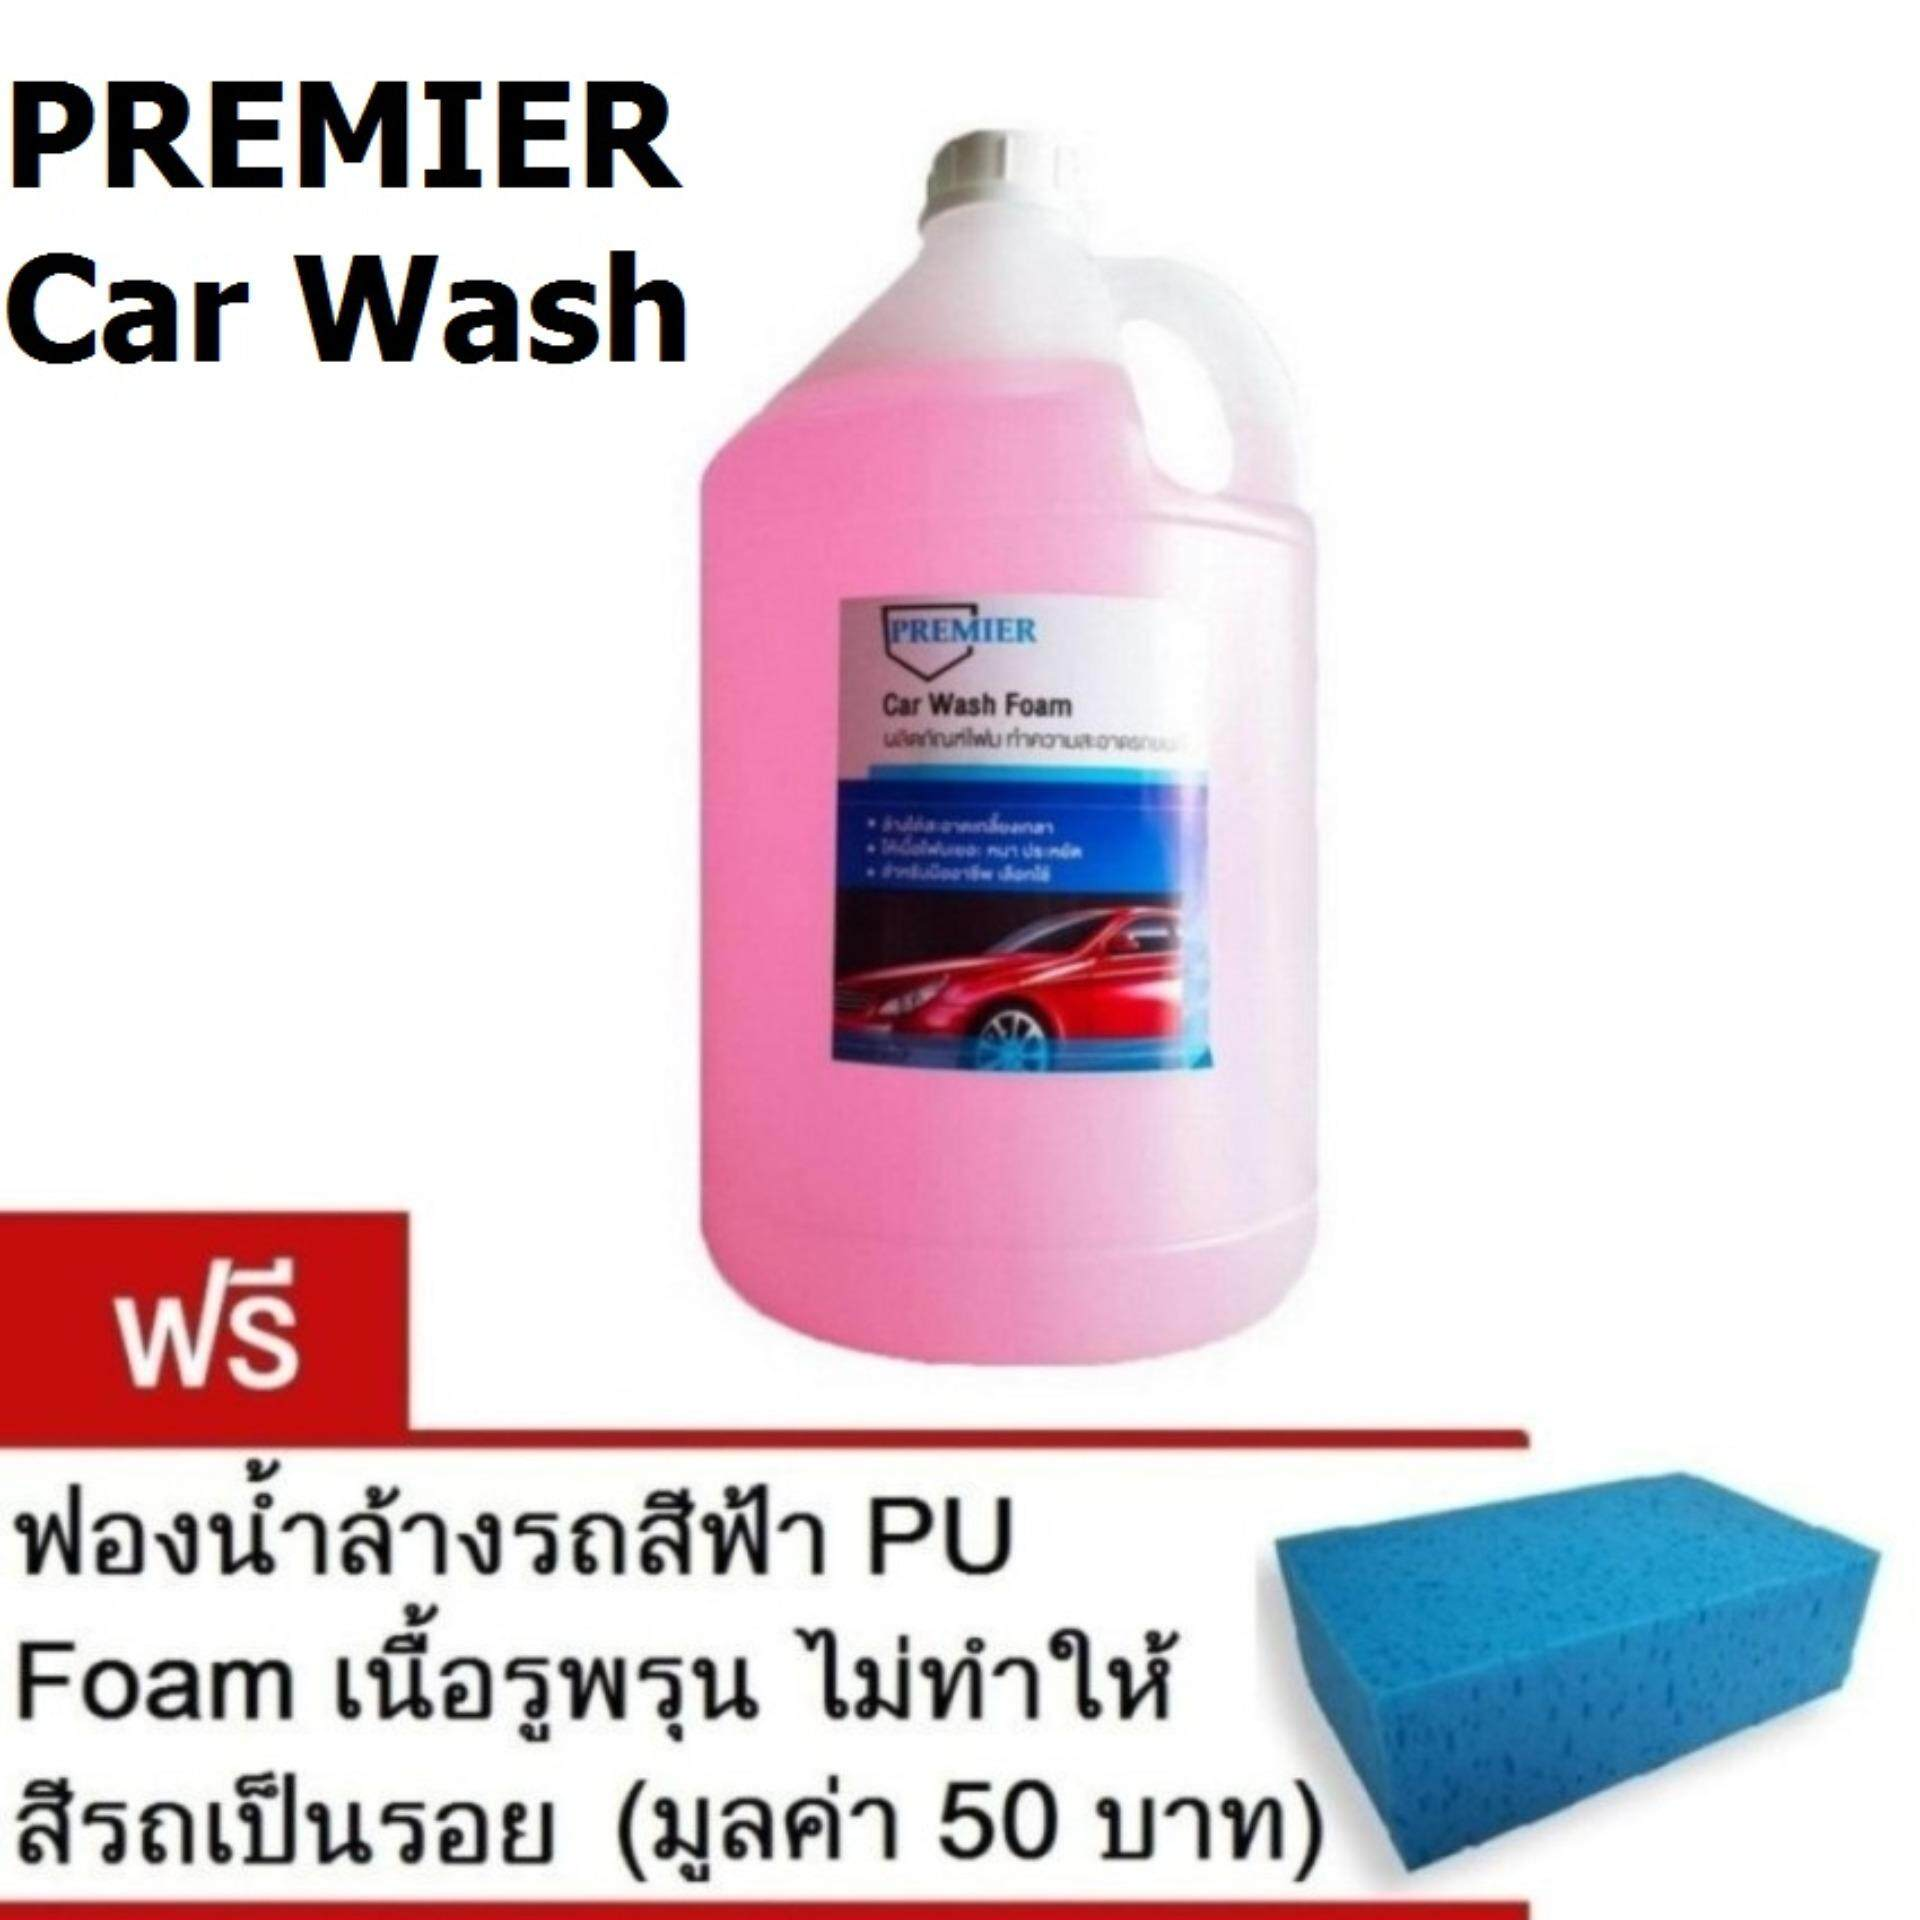 ทบทวน โฟมล้างรถสูตรเข้มข้น ขนาด 3 785 ลิตร Car Wash Foam Shampoo Concentrate Itp